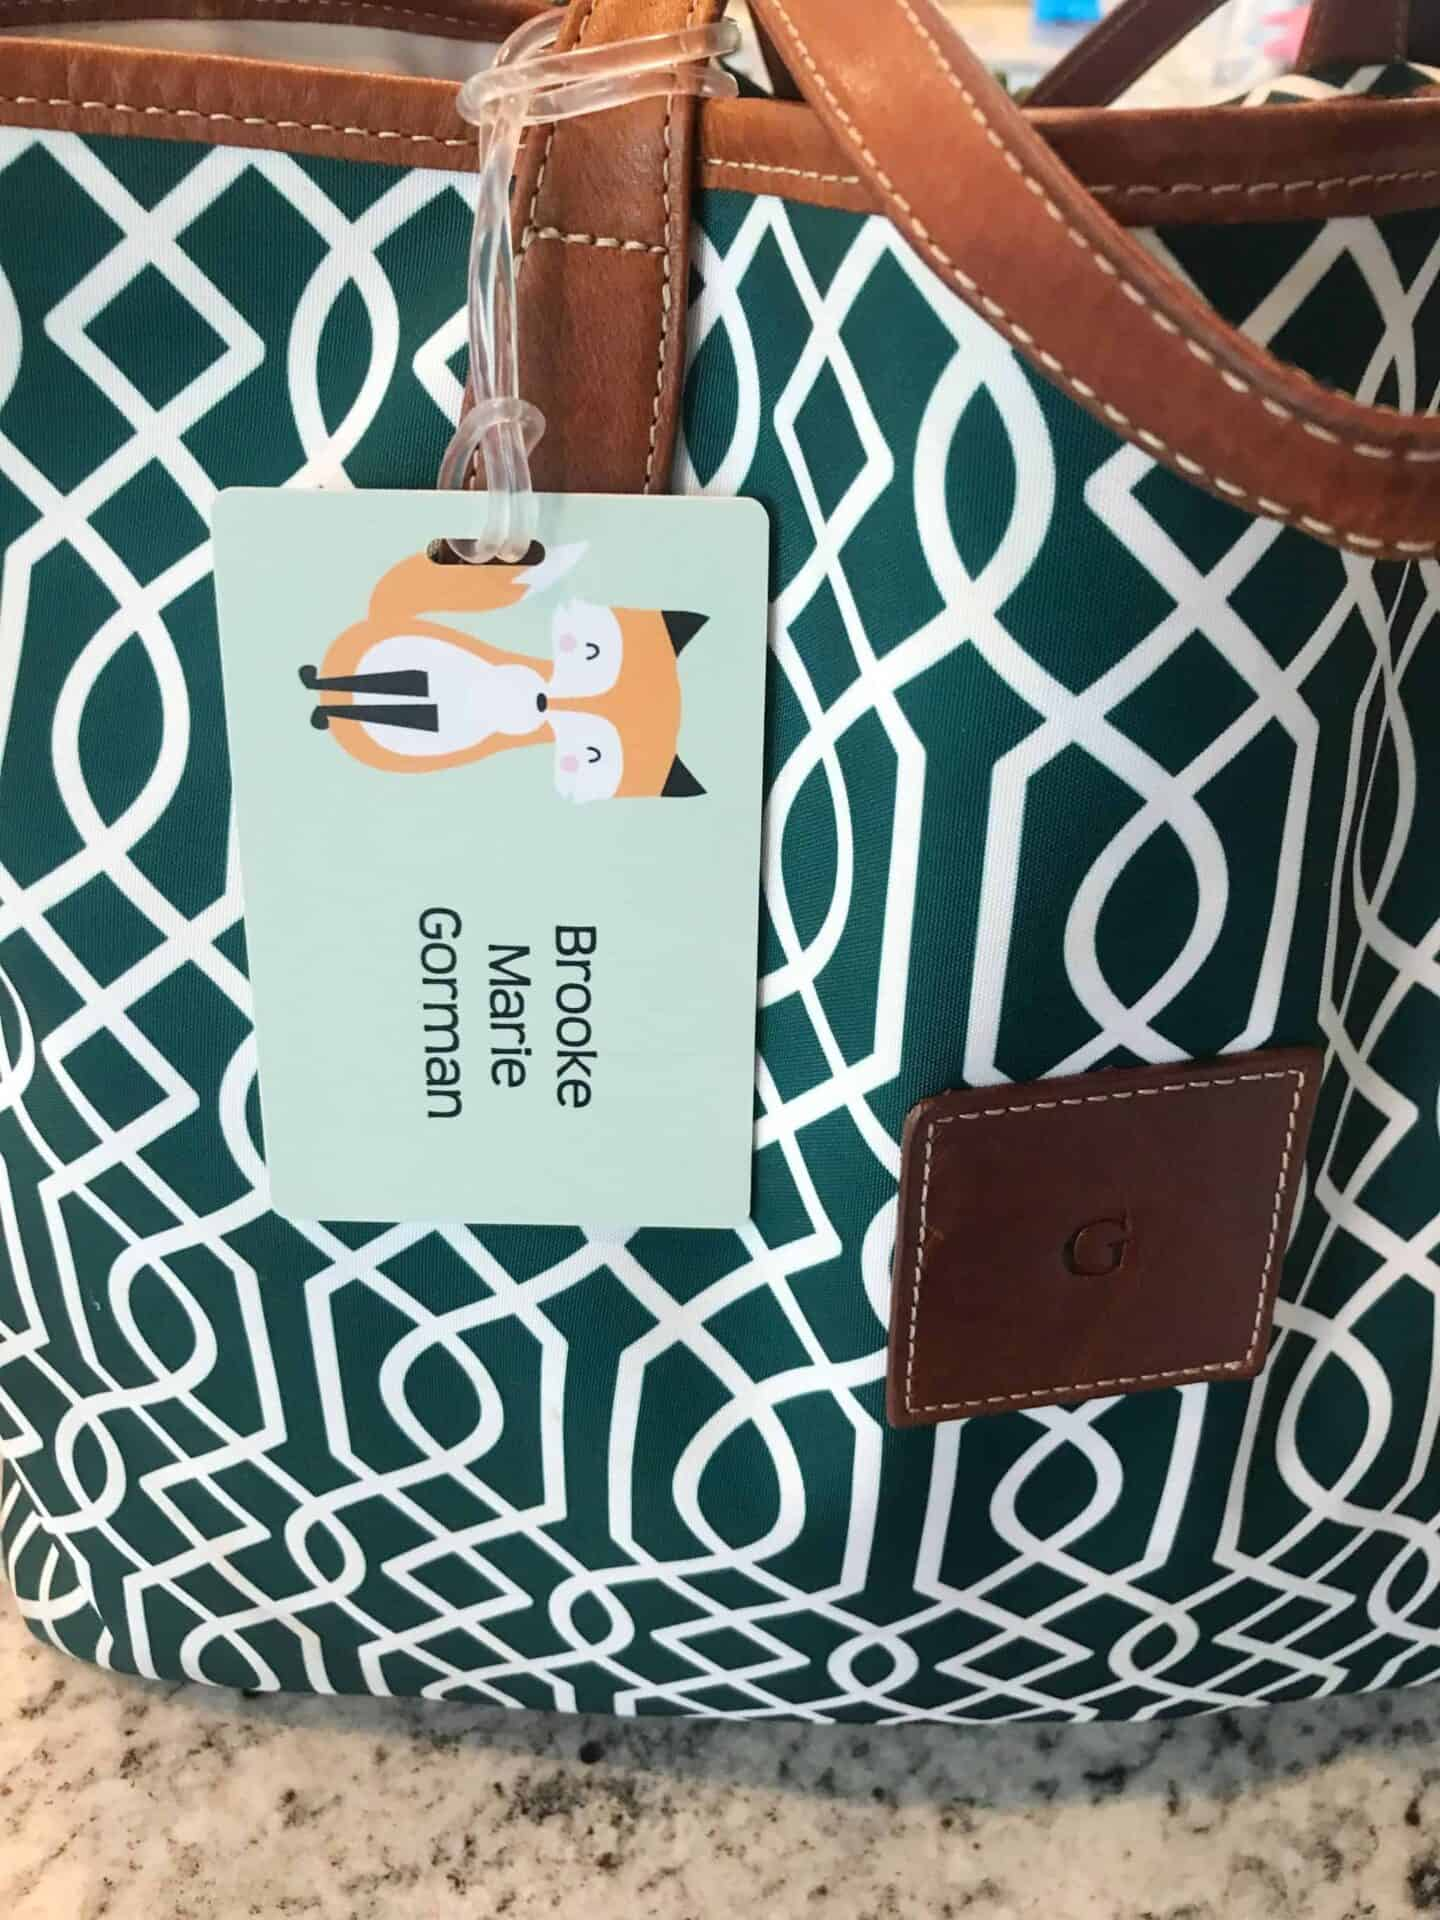 InchBug Bag Tag Back to School